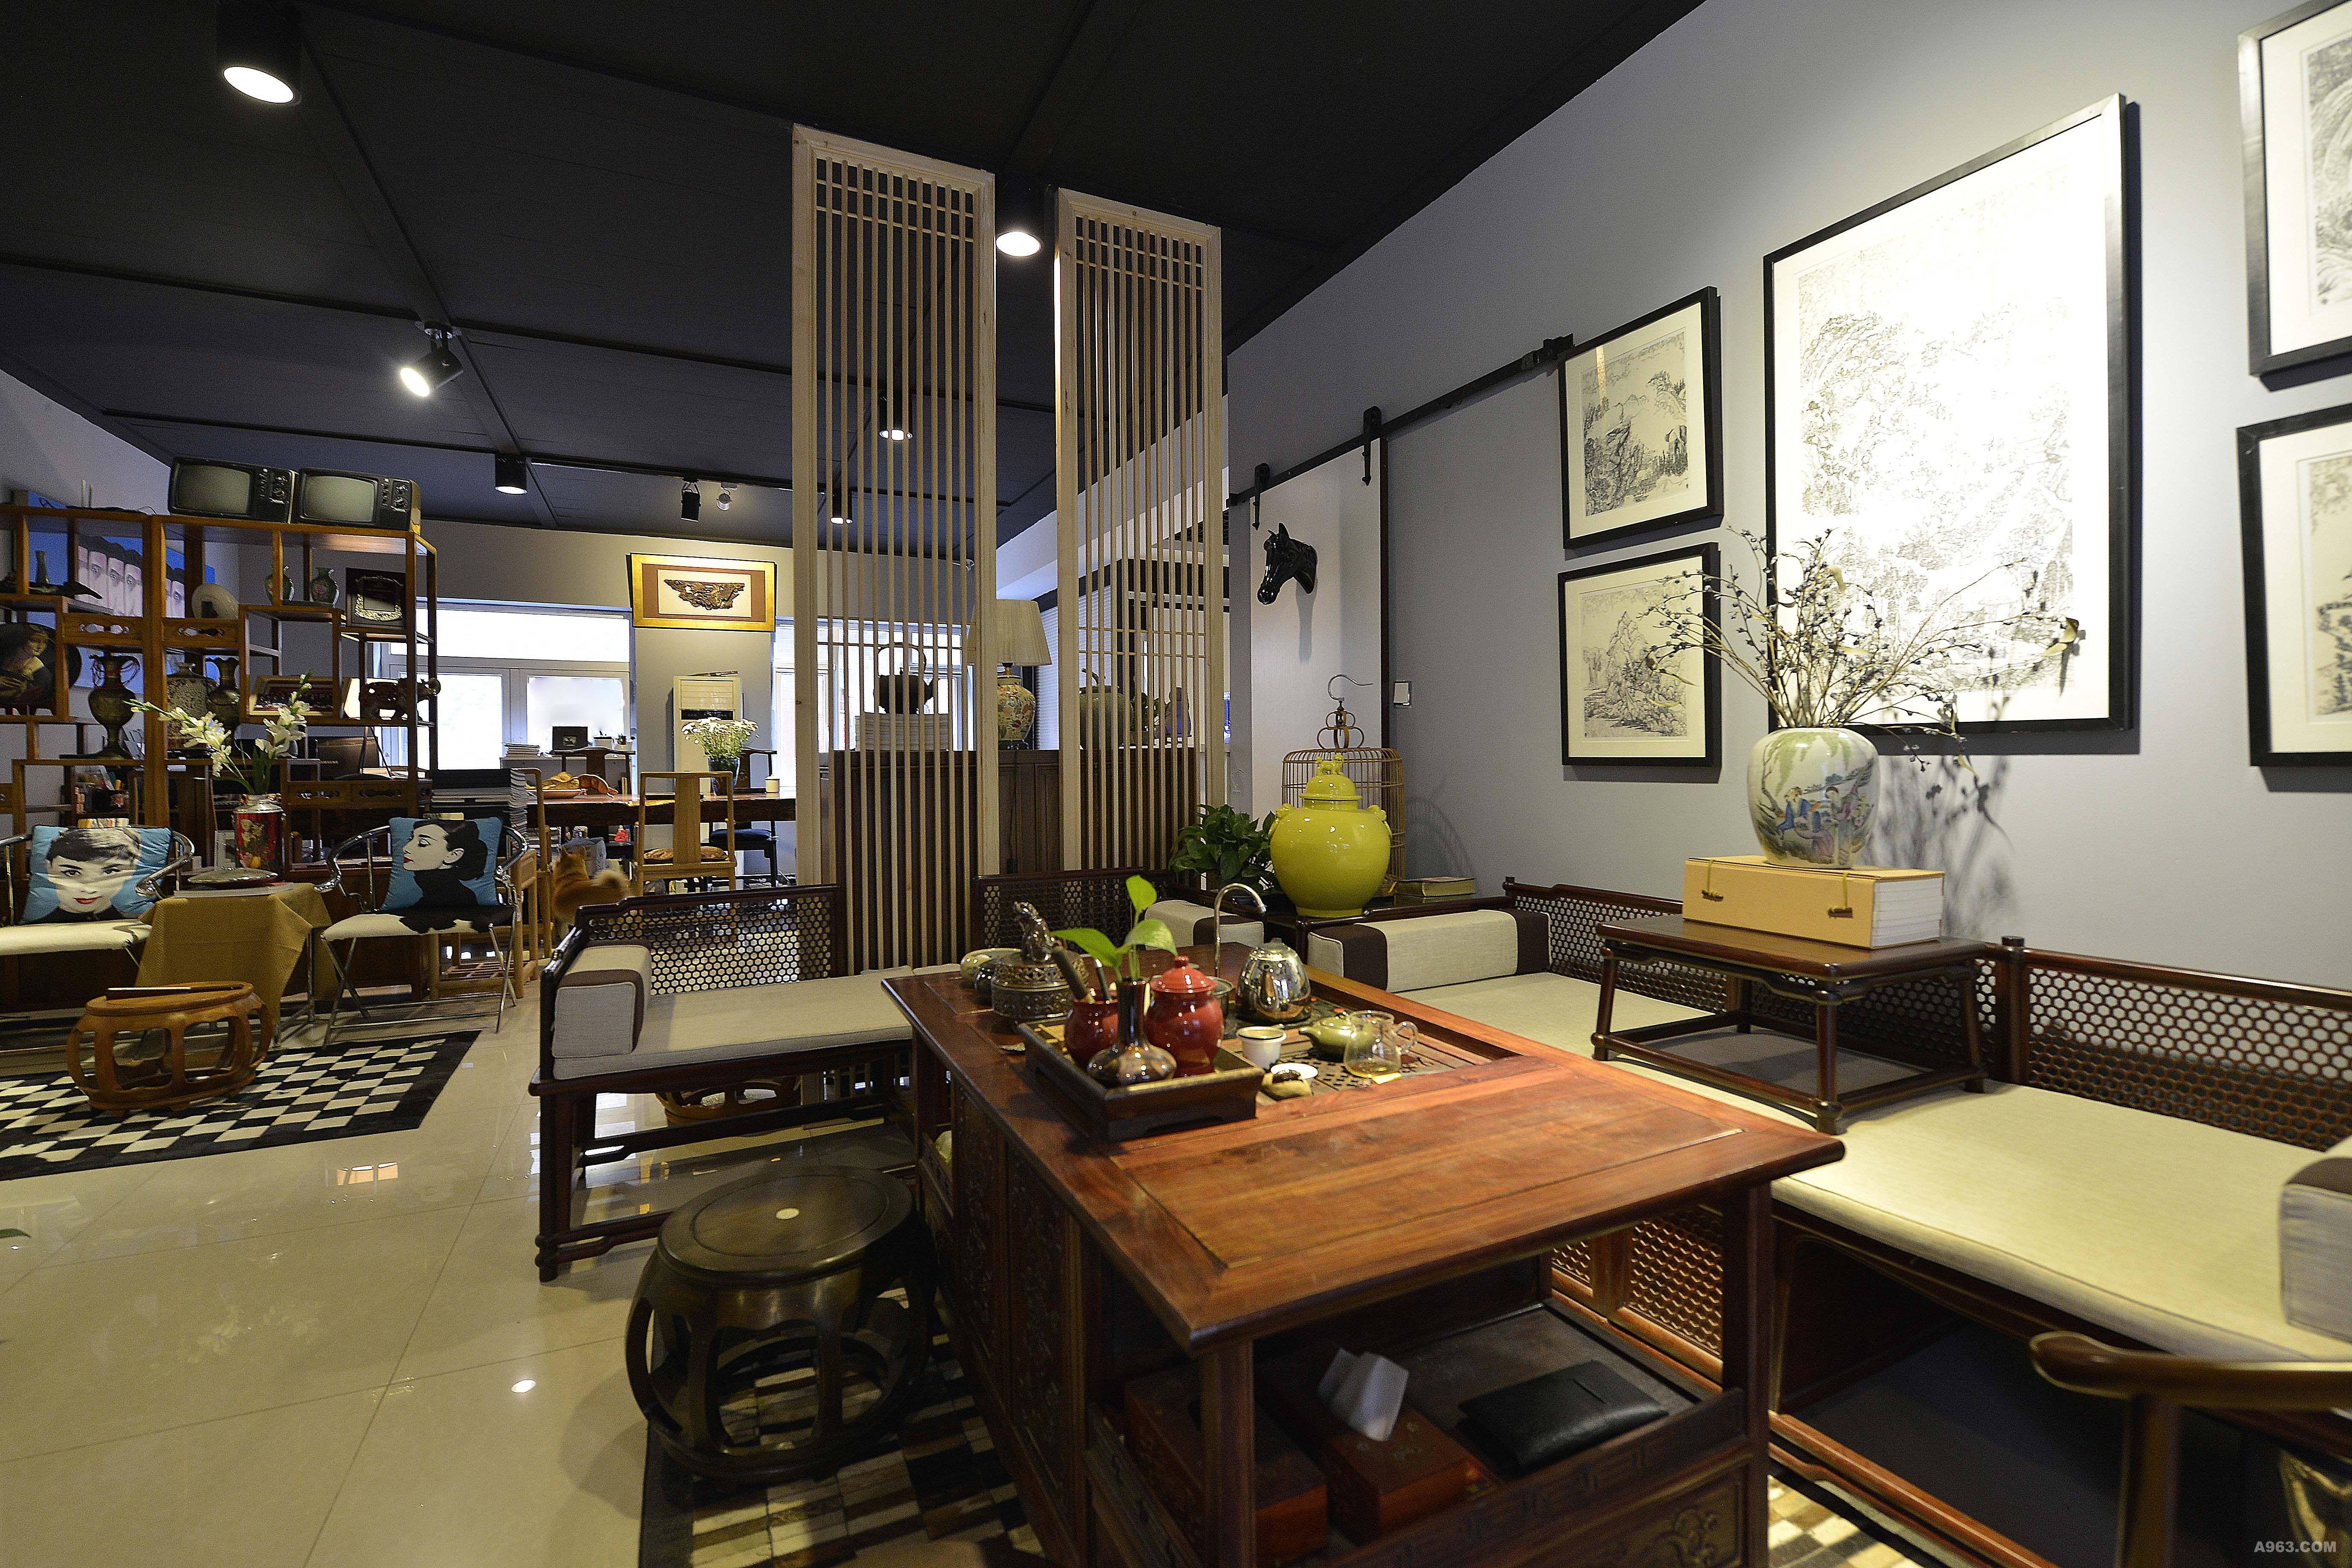 室内设计工作室,位于古典家具街的艺术文化创意产业区,整体是中式风格